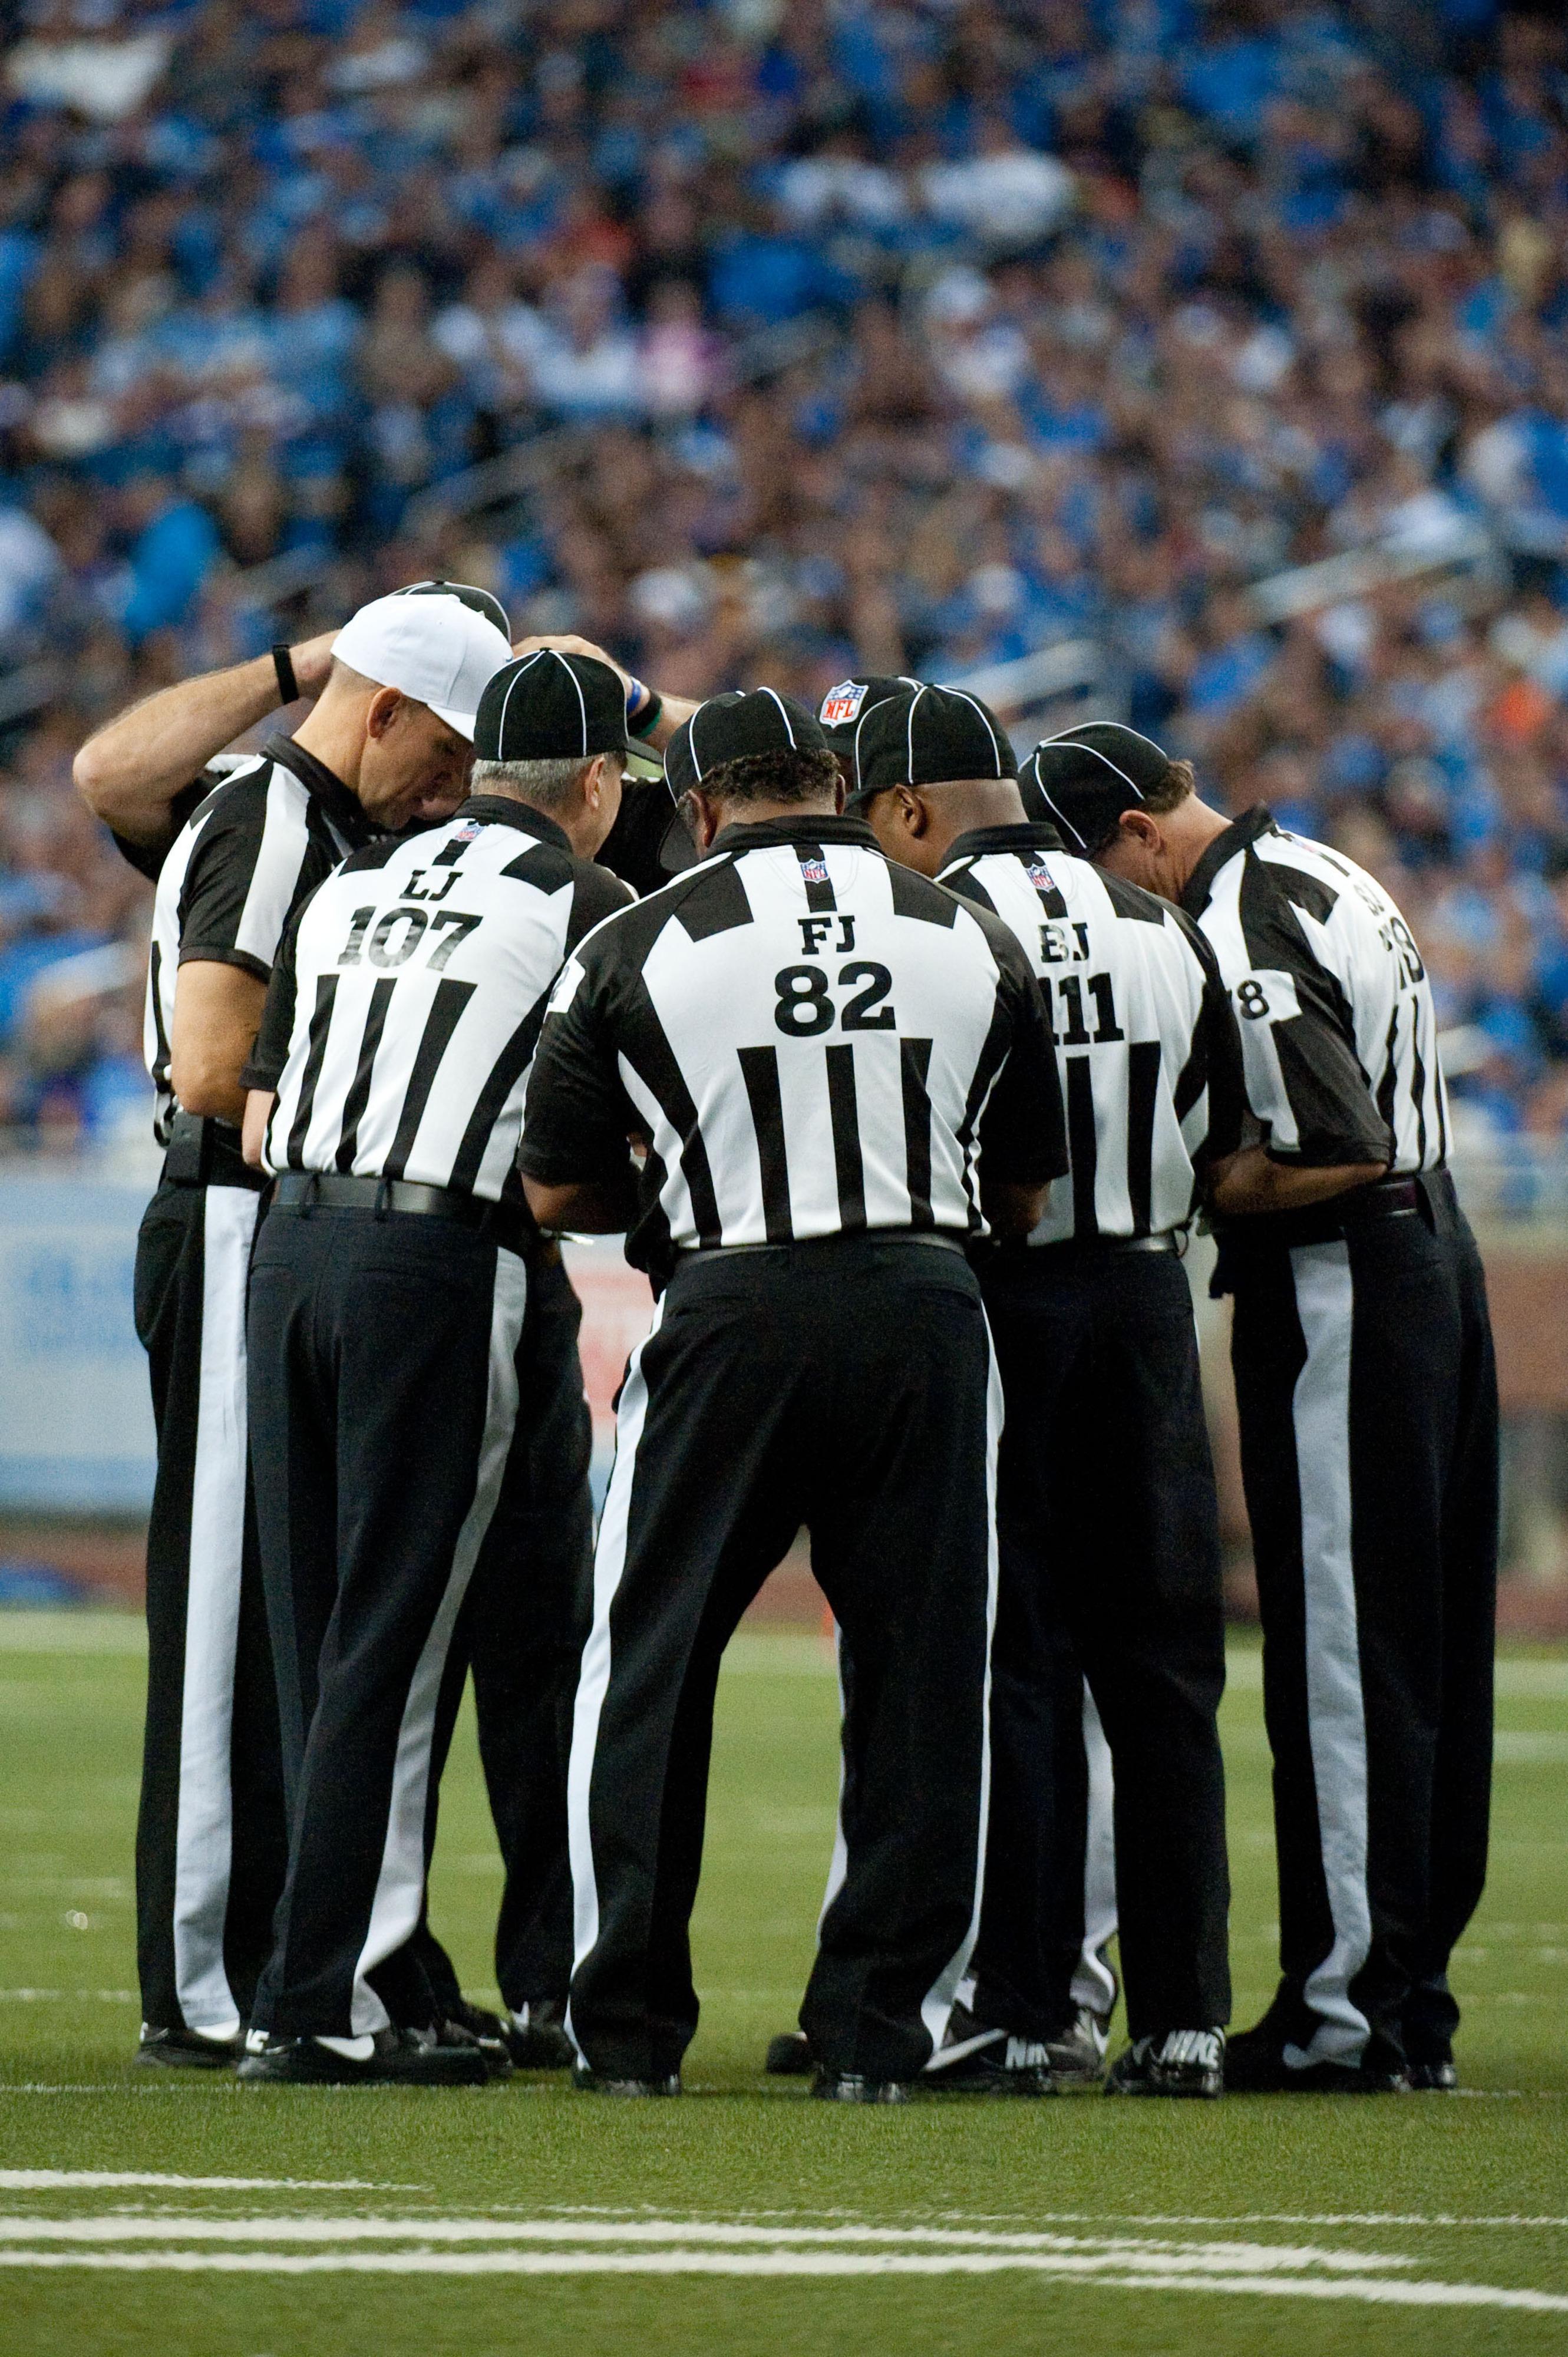 NFL announces rule changes for 2013 season